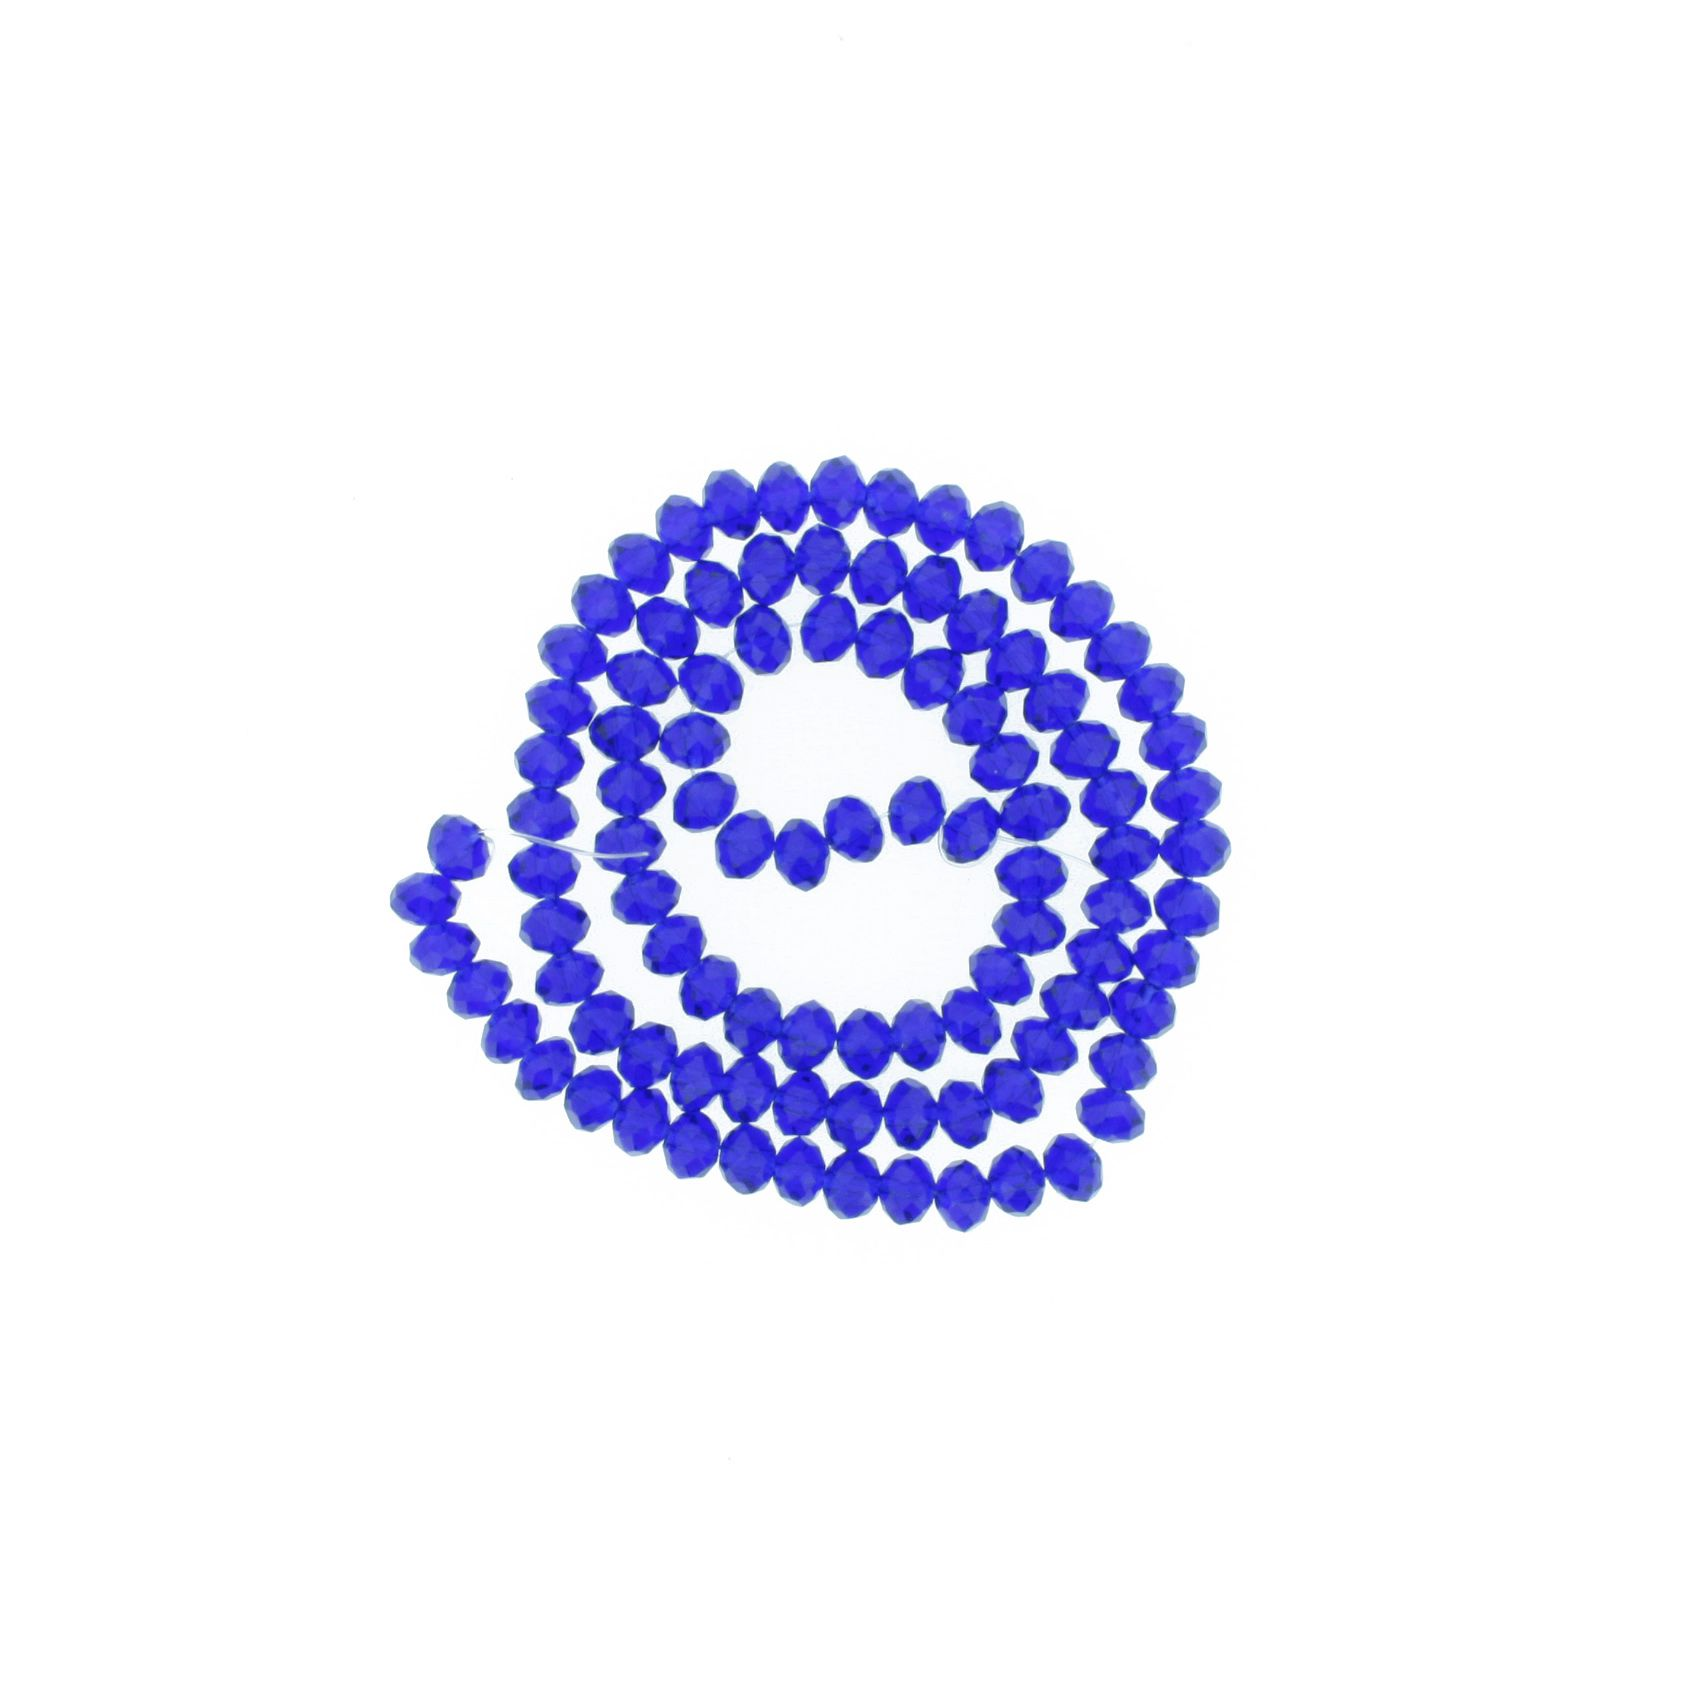 Fio de Cristal - Flat® - Azul Royal Transparente - 6mm  - Stéphanie Bijoux® - Peças para Bijuterias e Artesanato